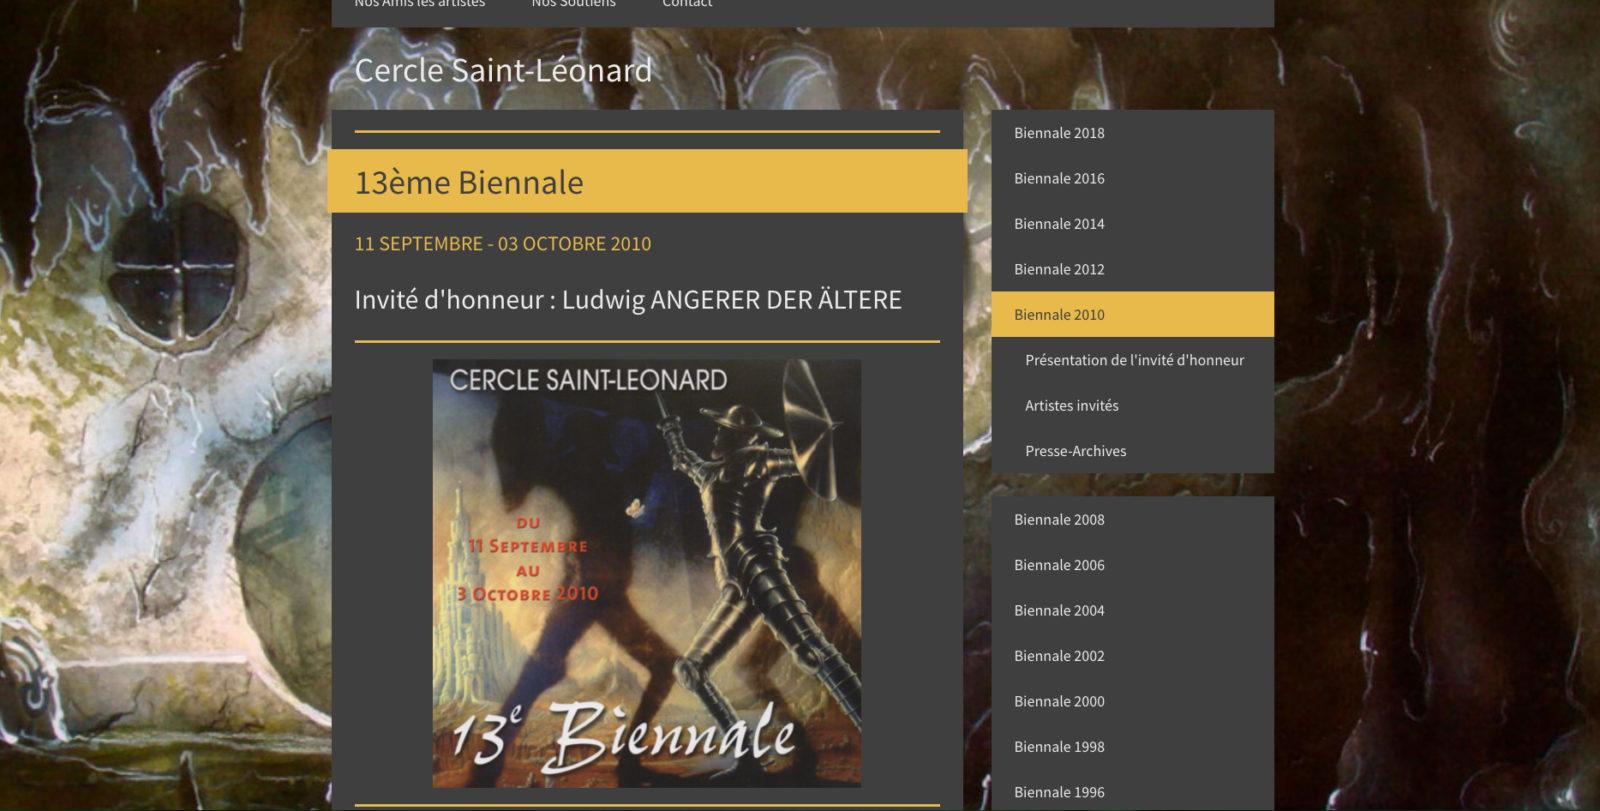 Cercle Saint-Leonard